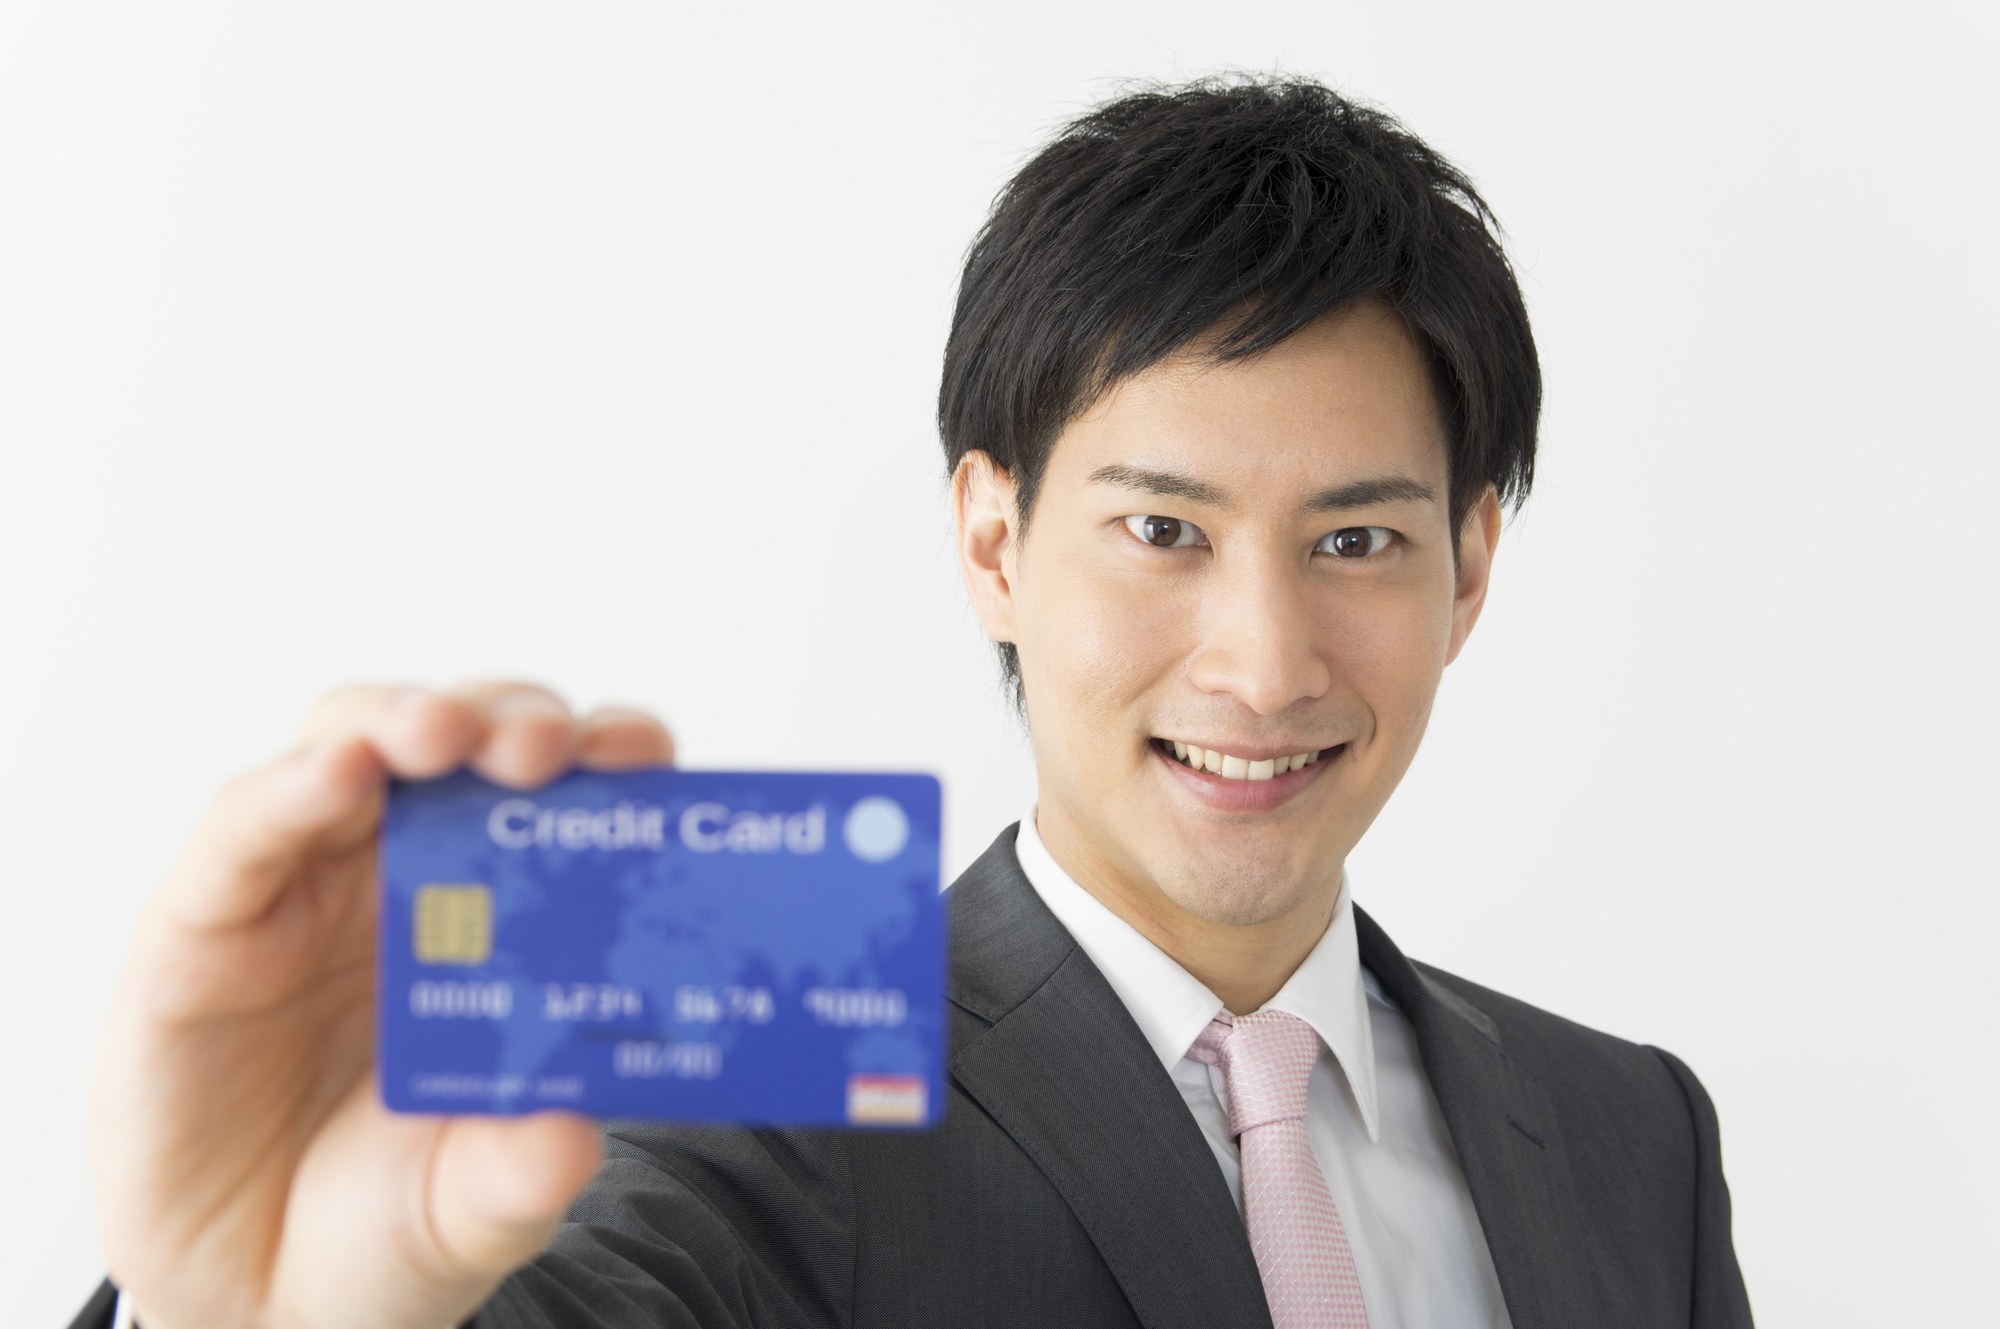 クレジットカードを持っている男性